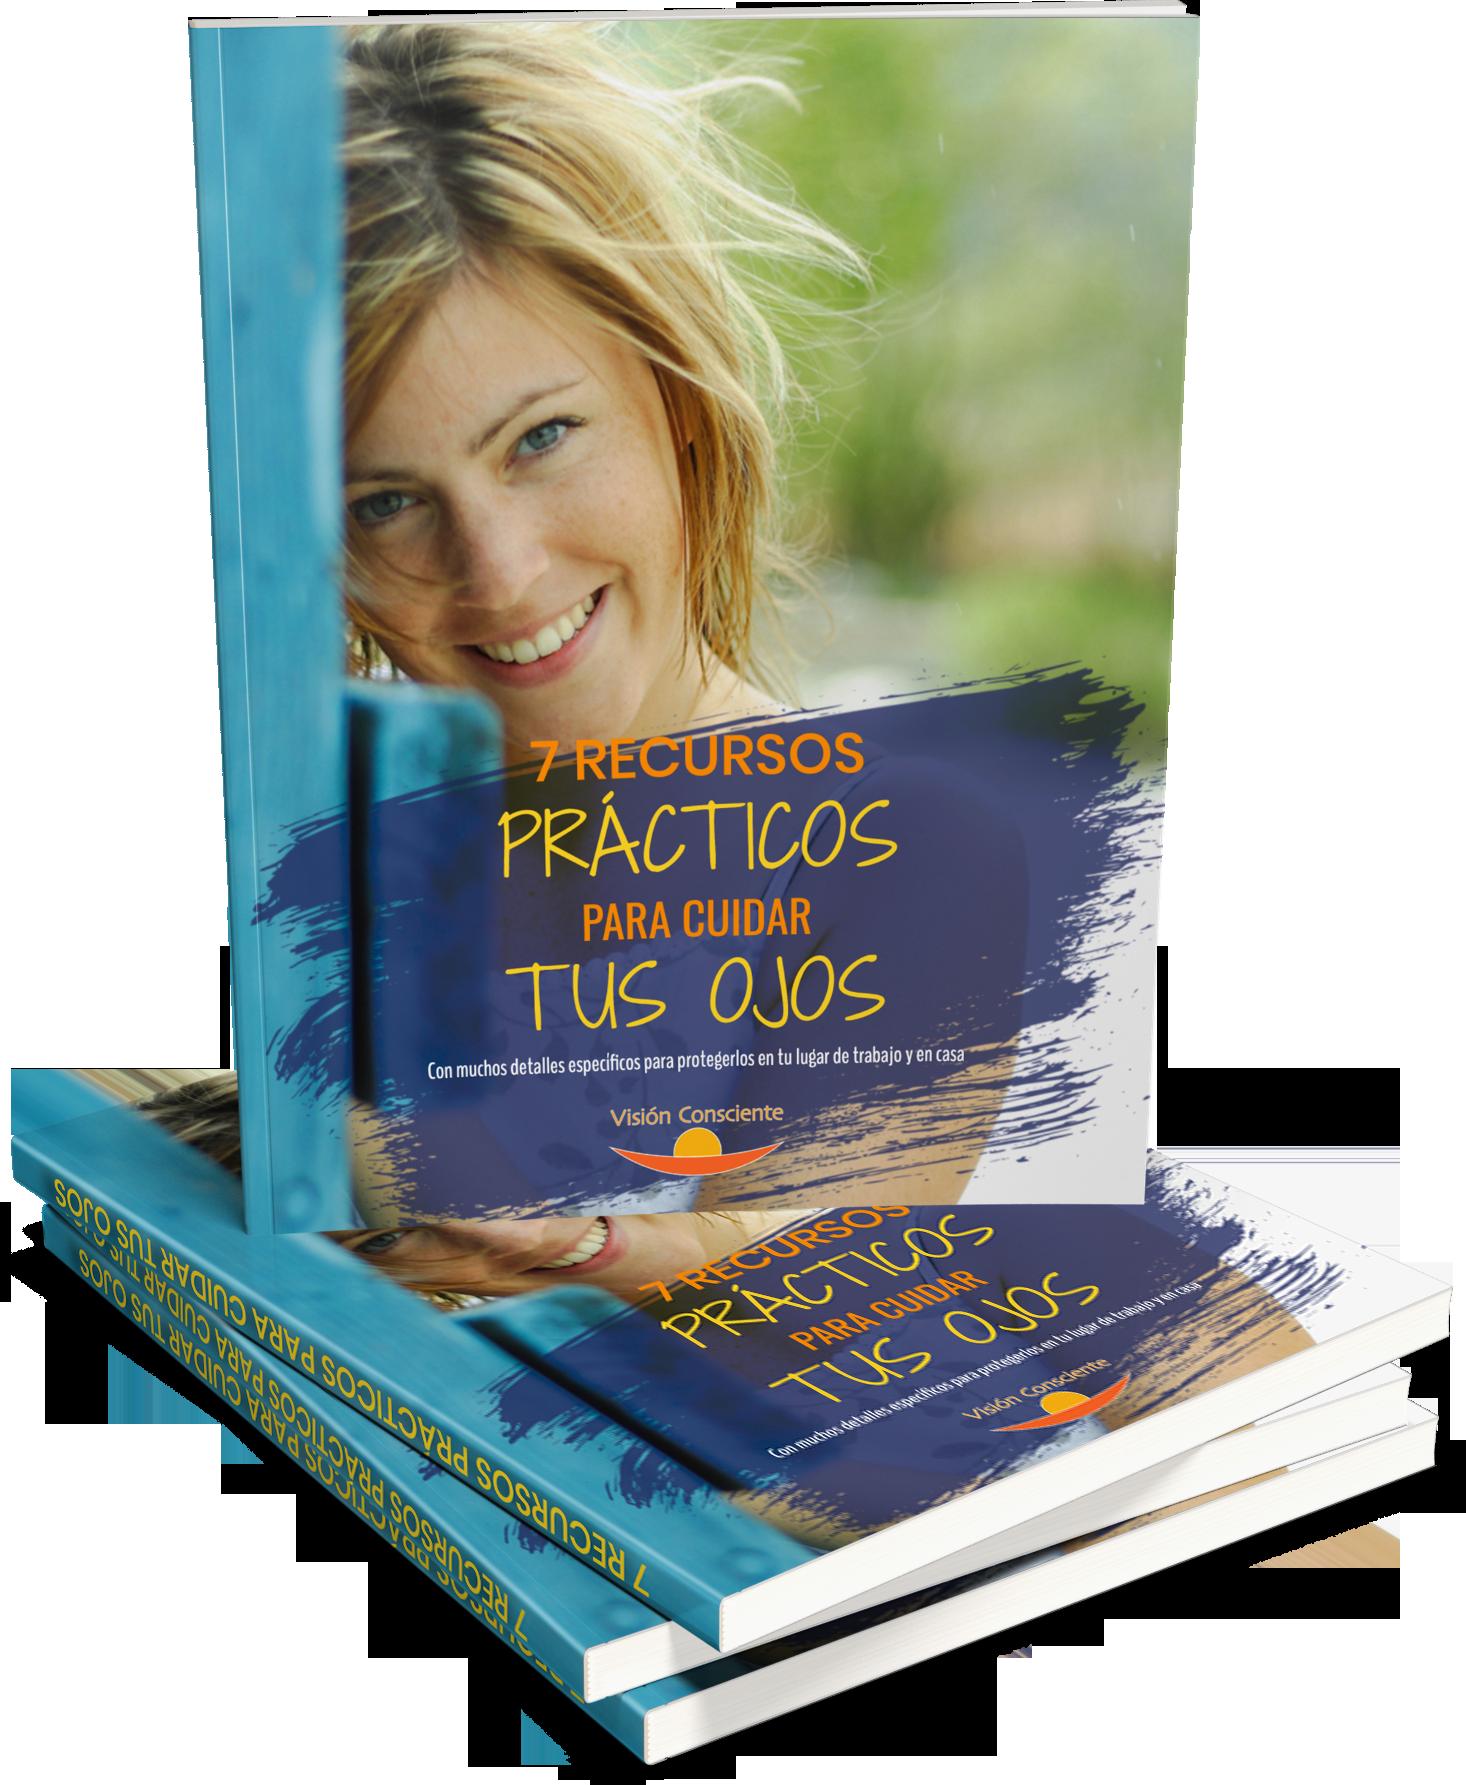 7 Consejos practicos para cuidar tus ojos 3d